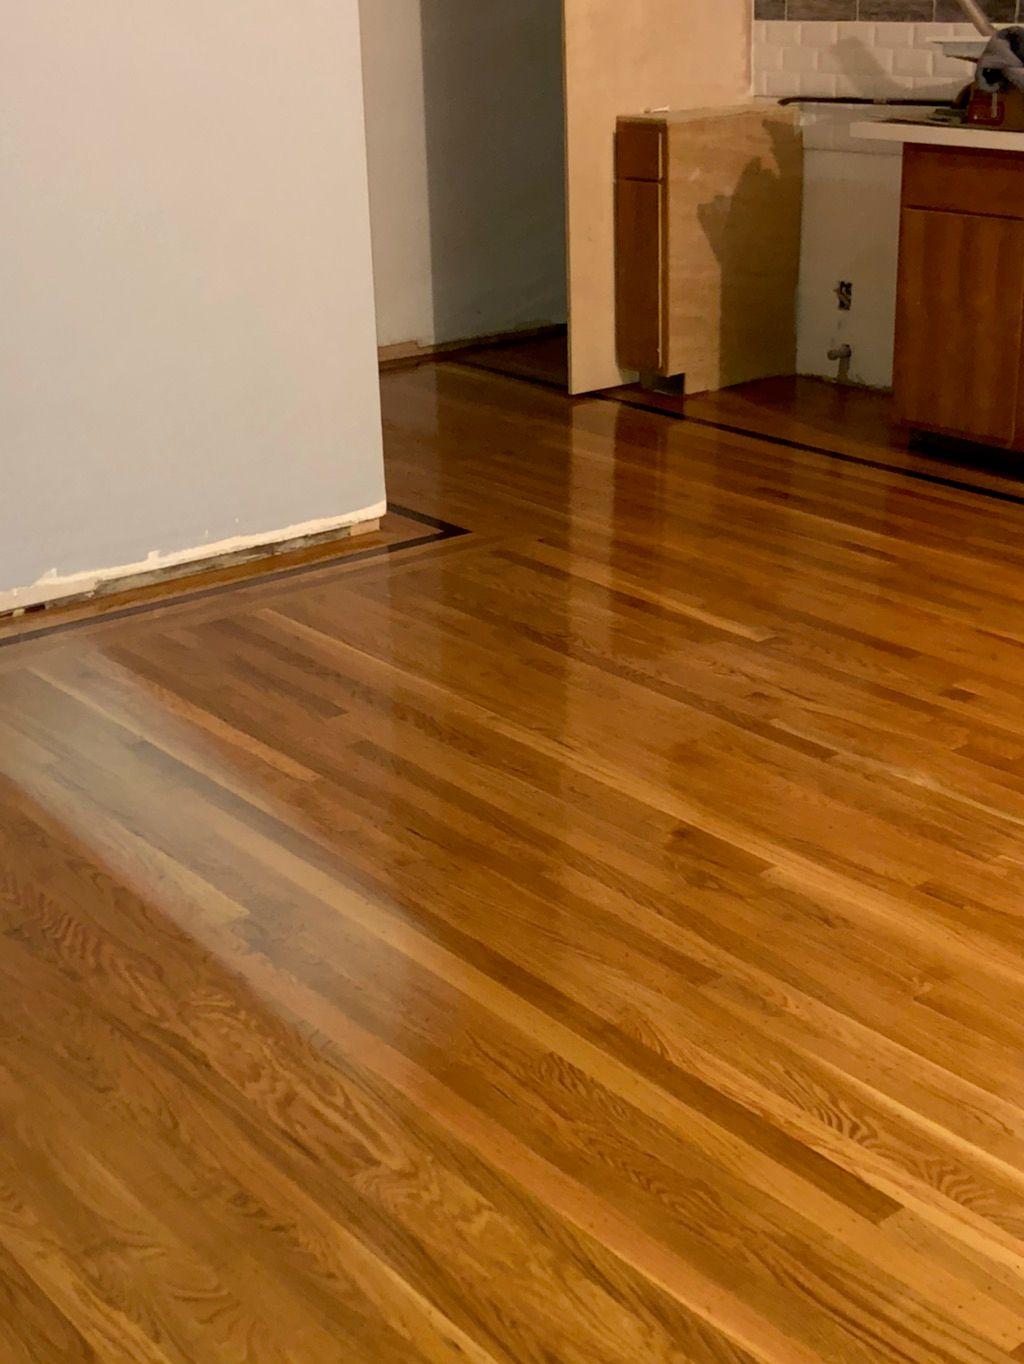 Selvin's flooring